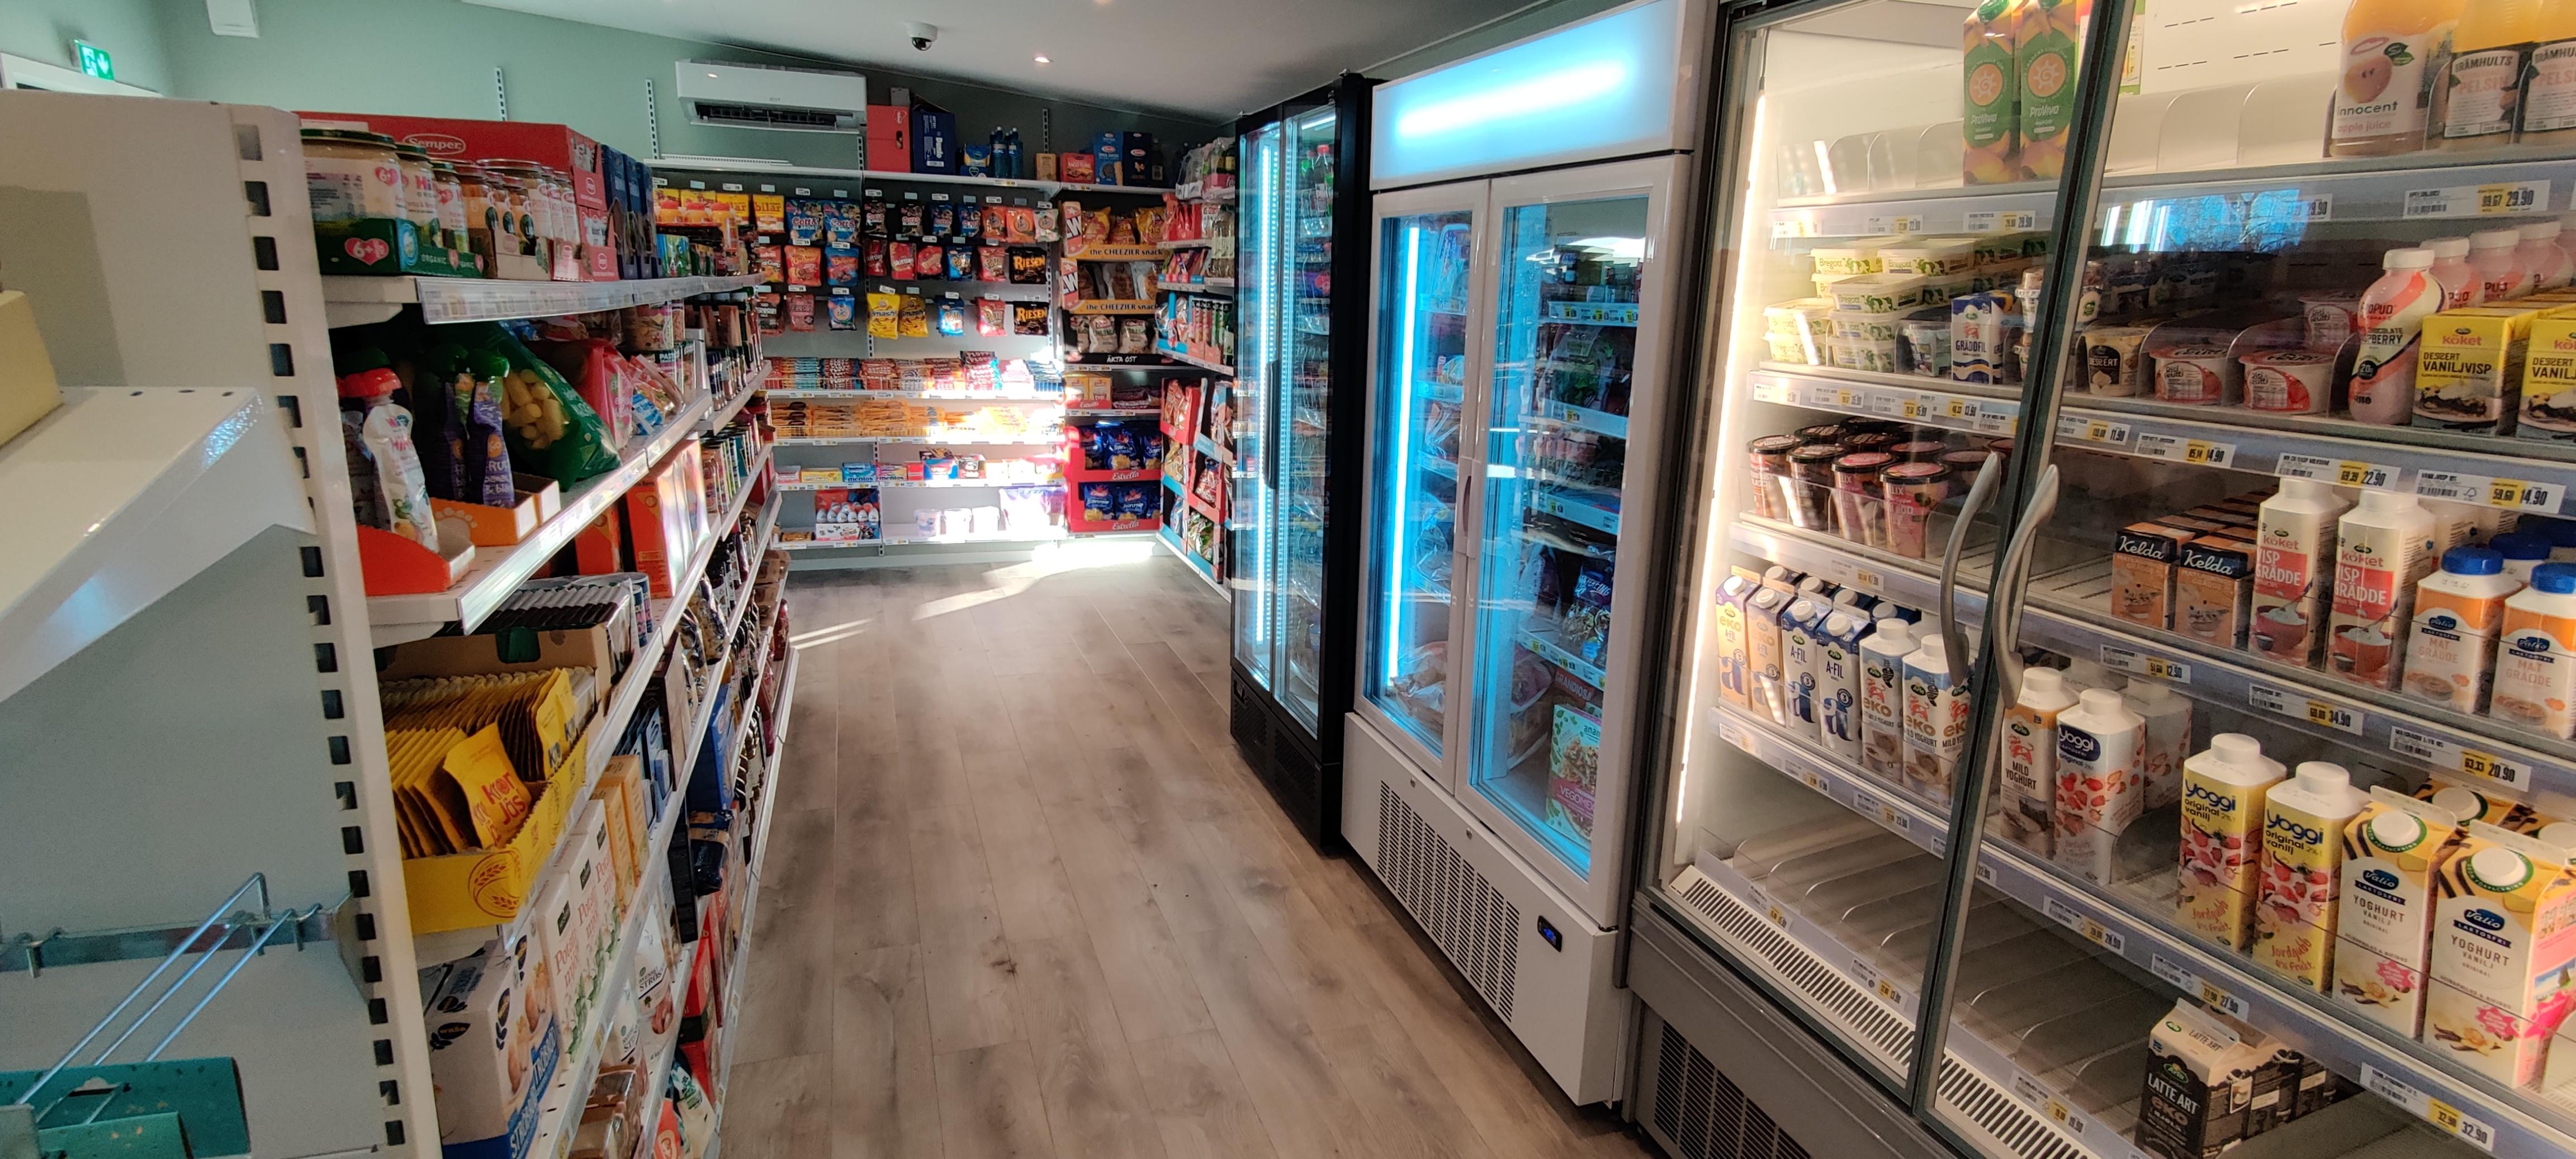 Interiören i en obemannad butik. I butiken finns allt som en butik behöver för varuhållning och -exponering, entrésystem och betalsystem